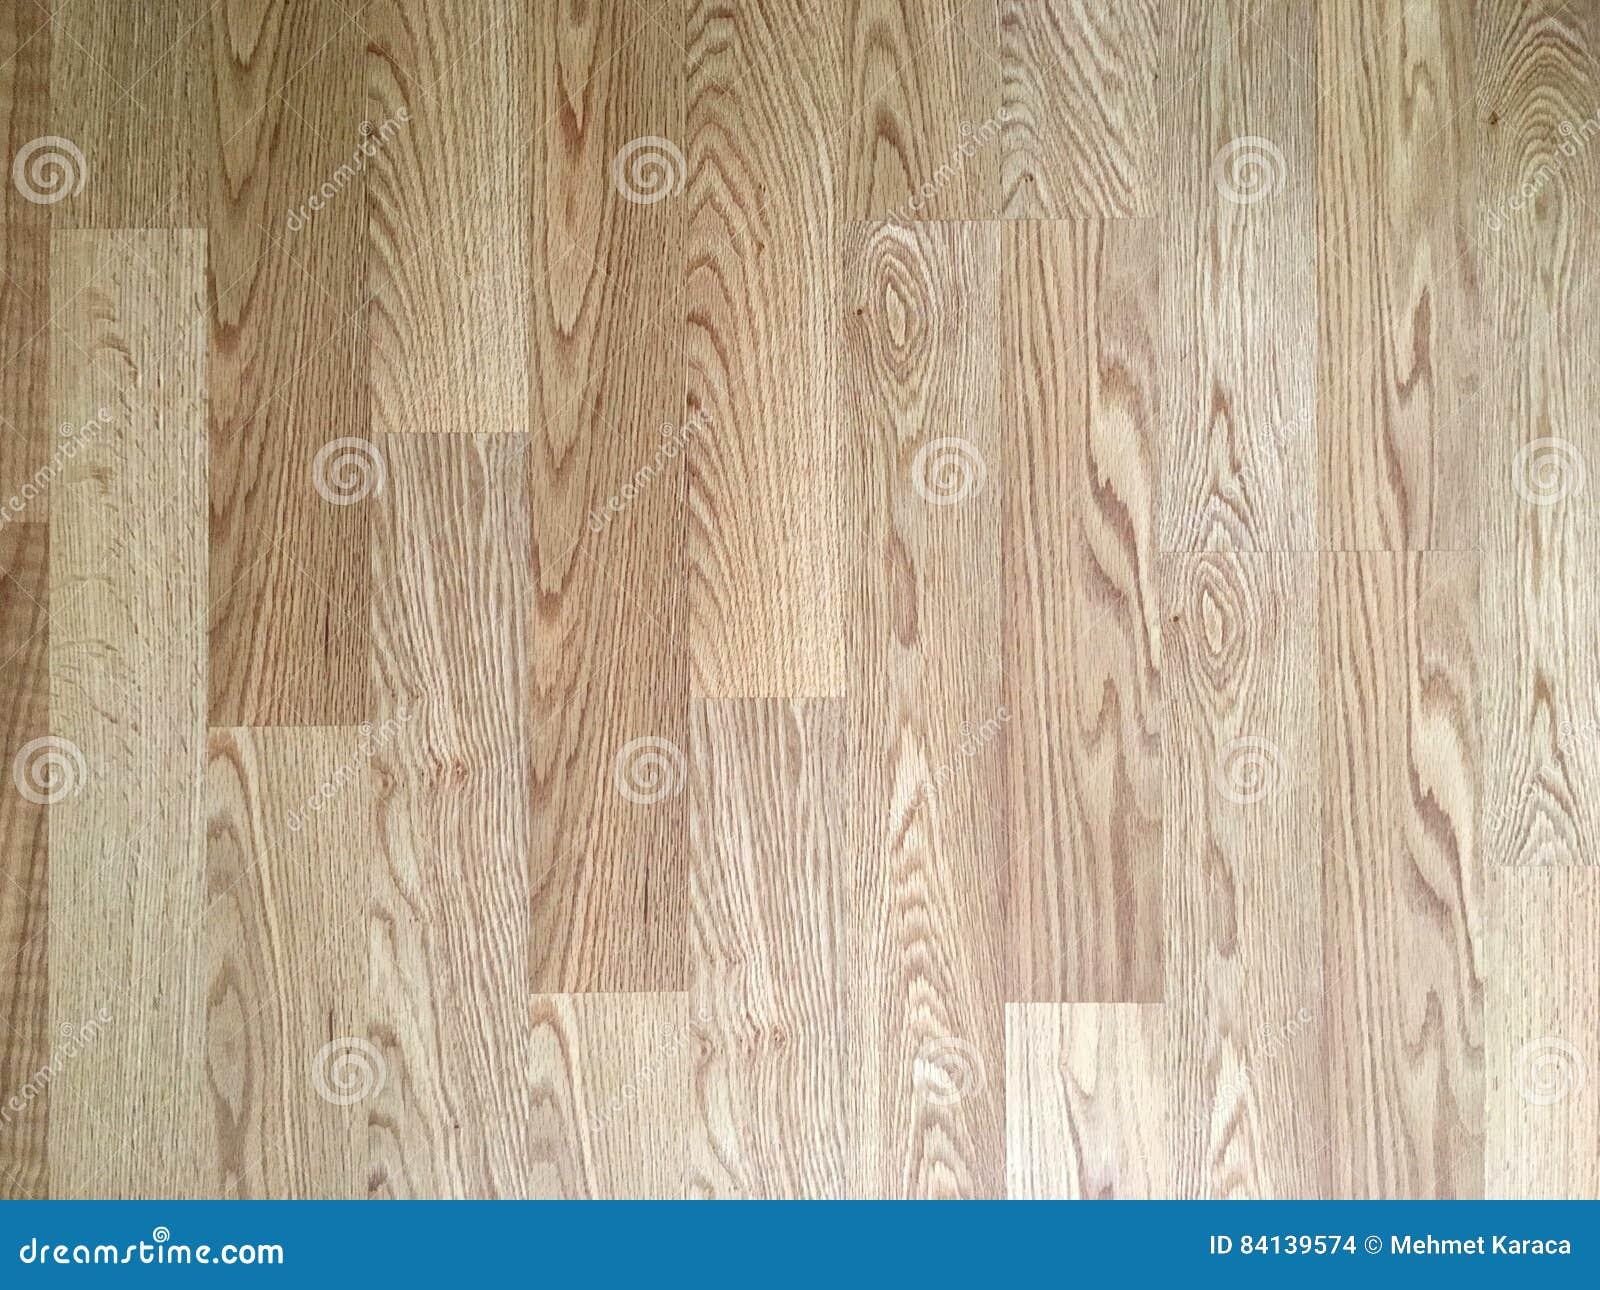 Wood parquet floor background